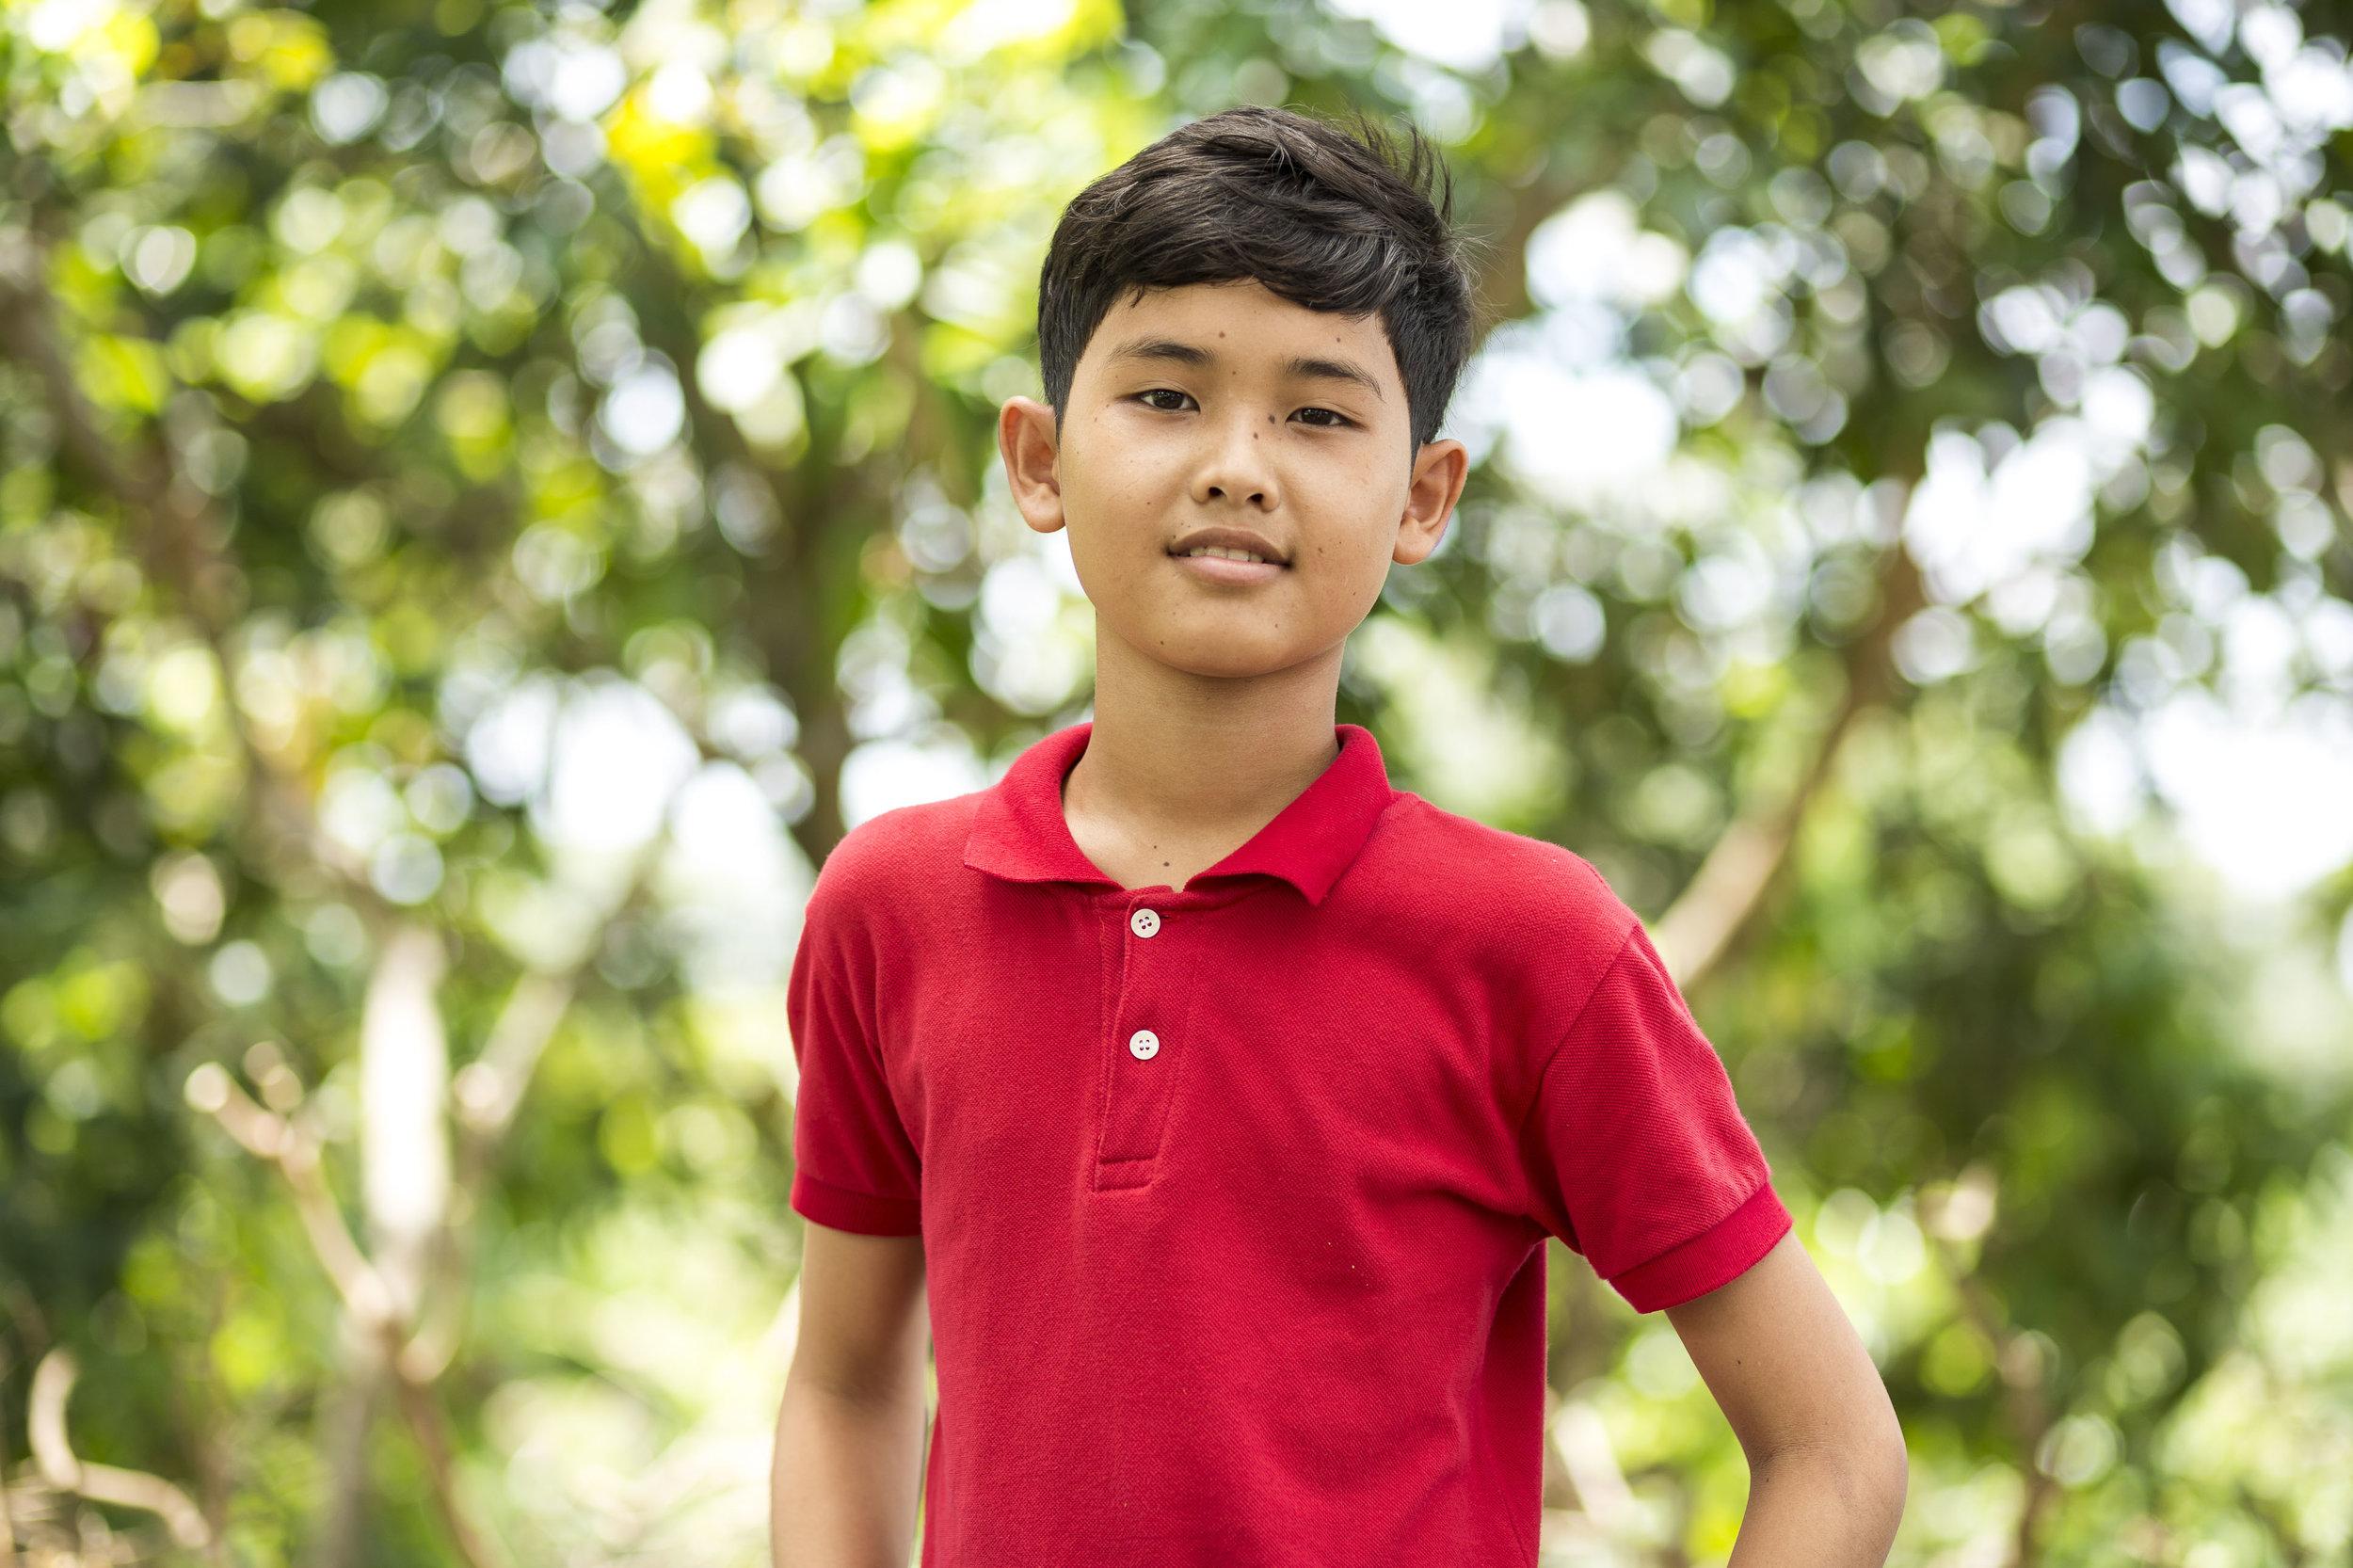 liger-portrait-khmer-student-03.jpg